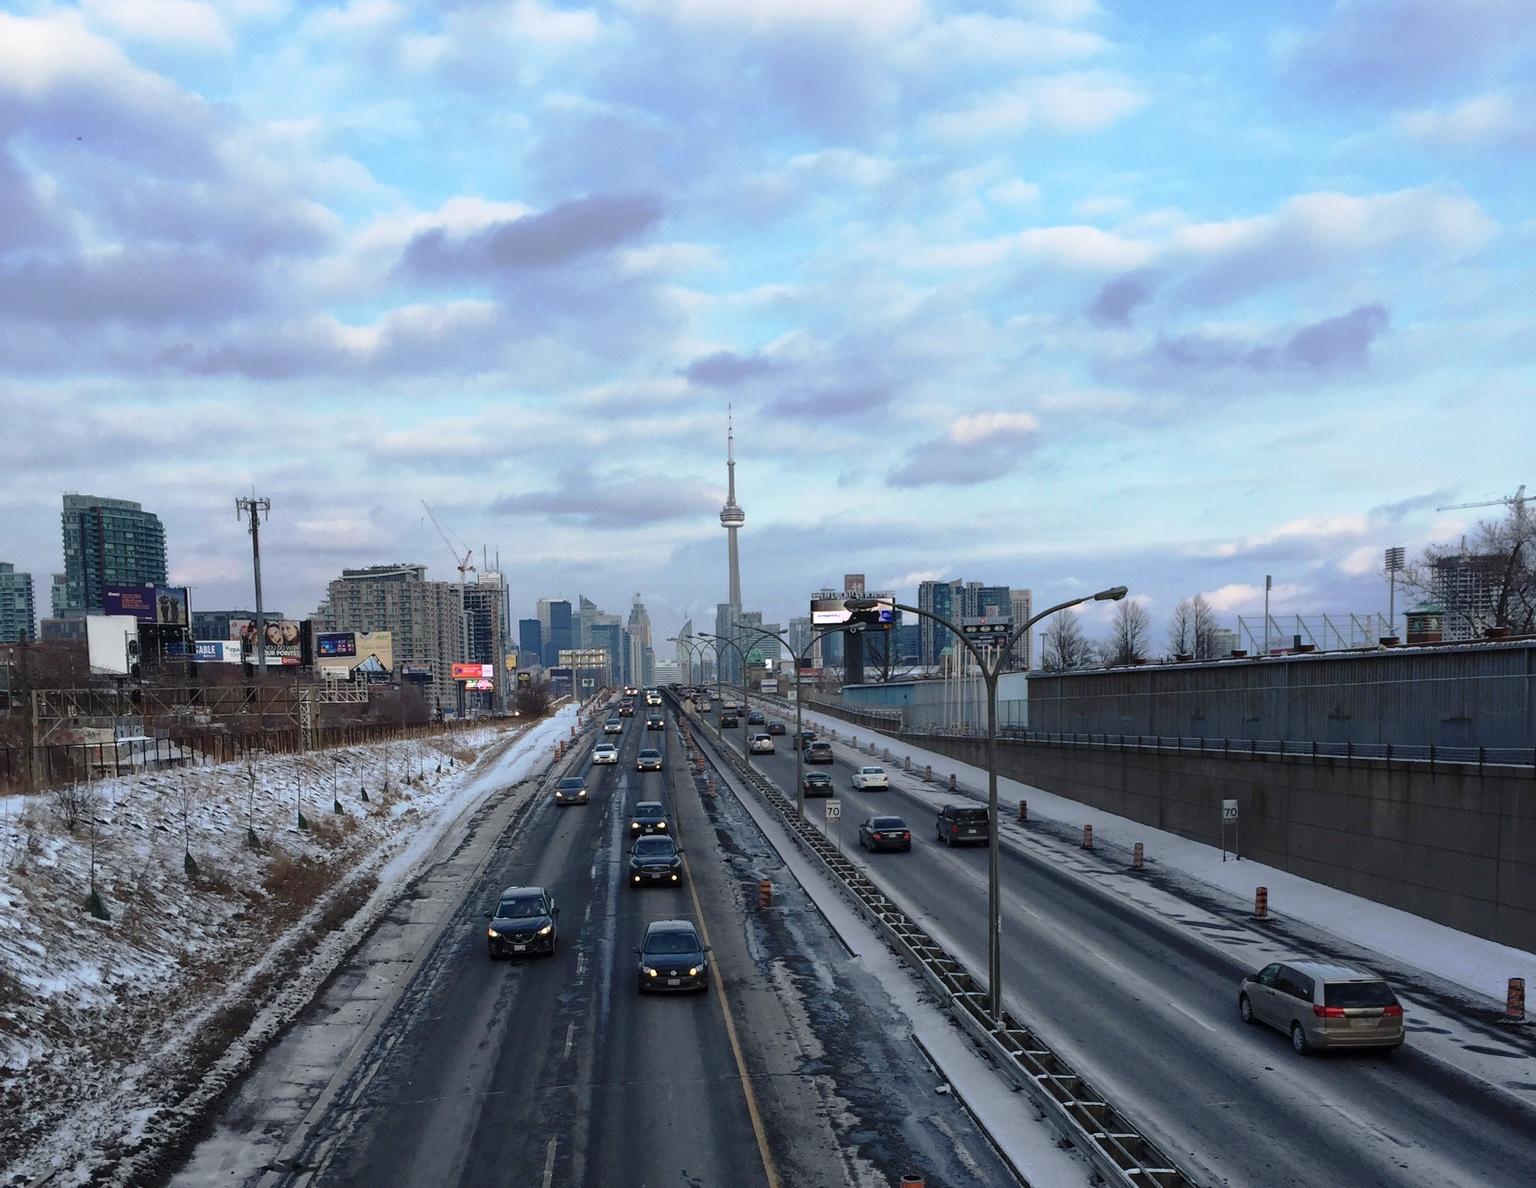 Gardiner Expressway Toronto